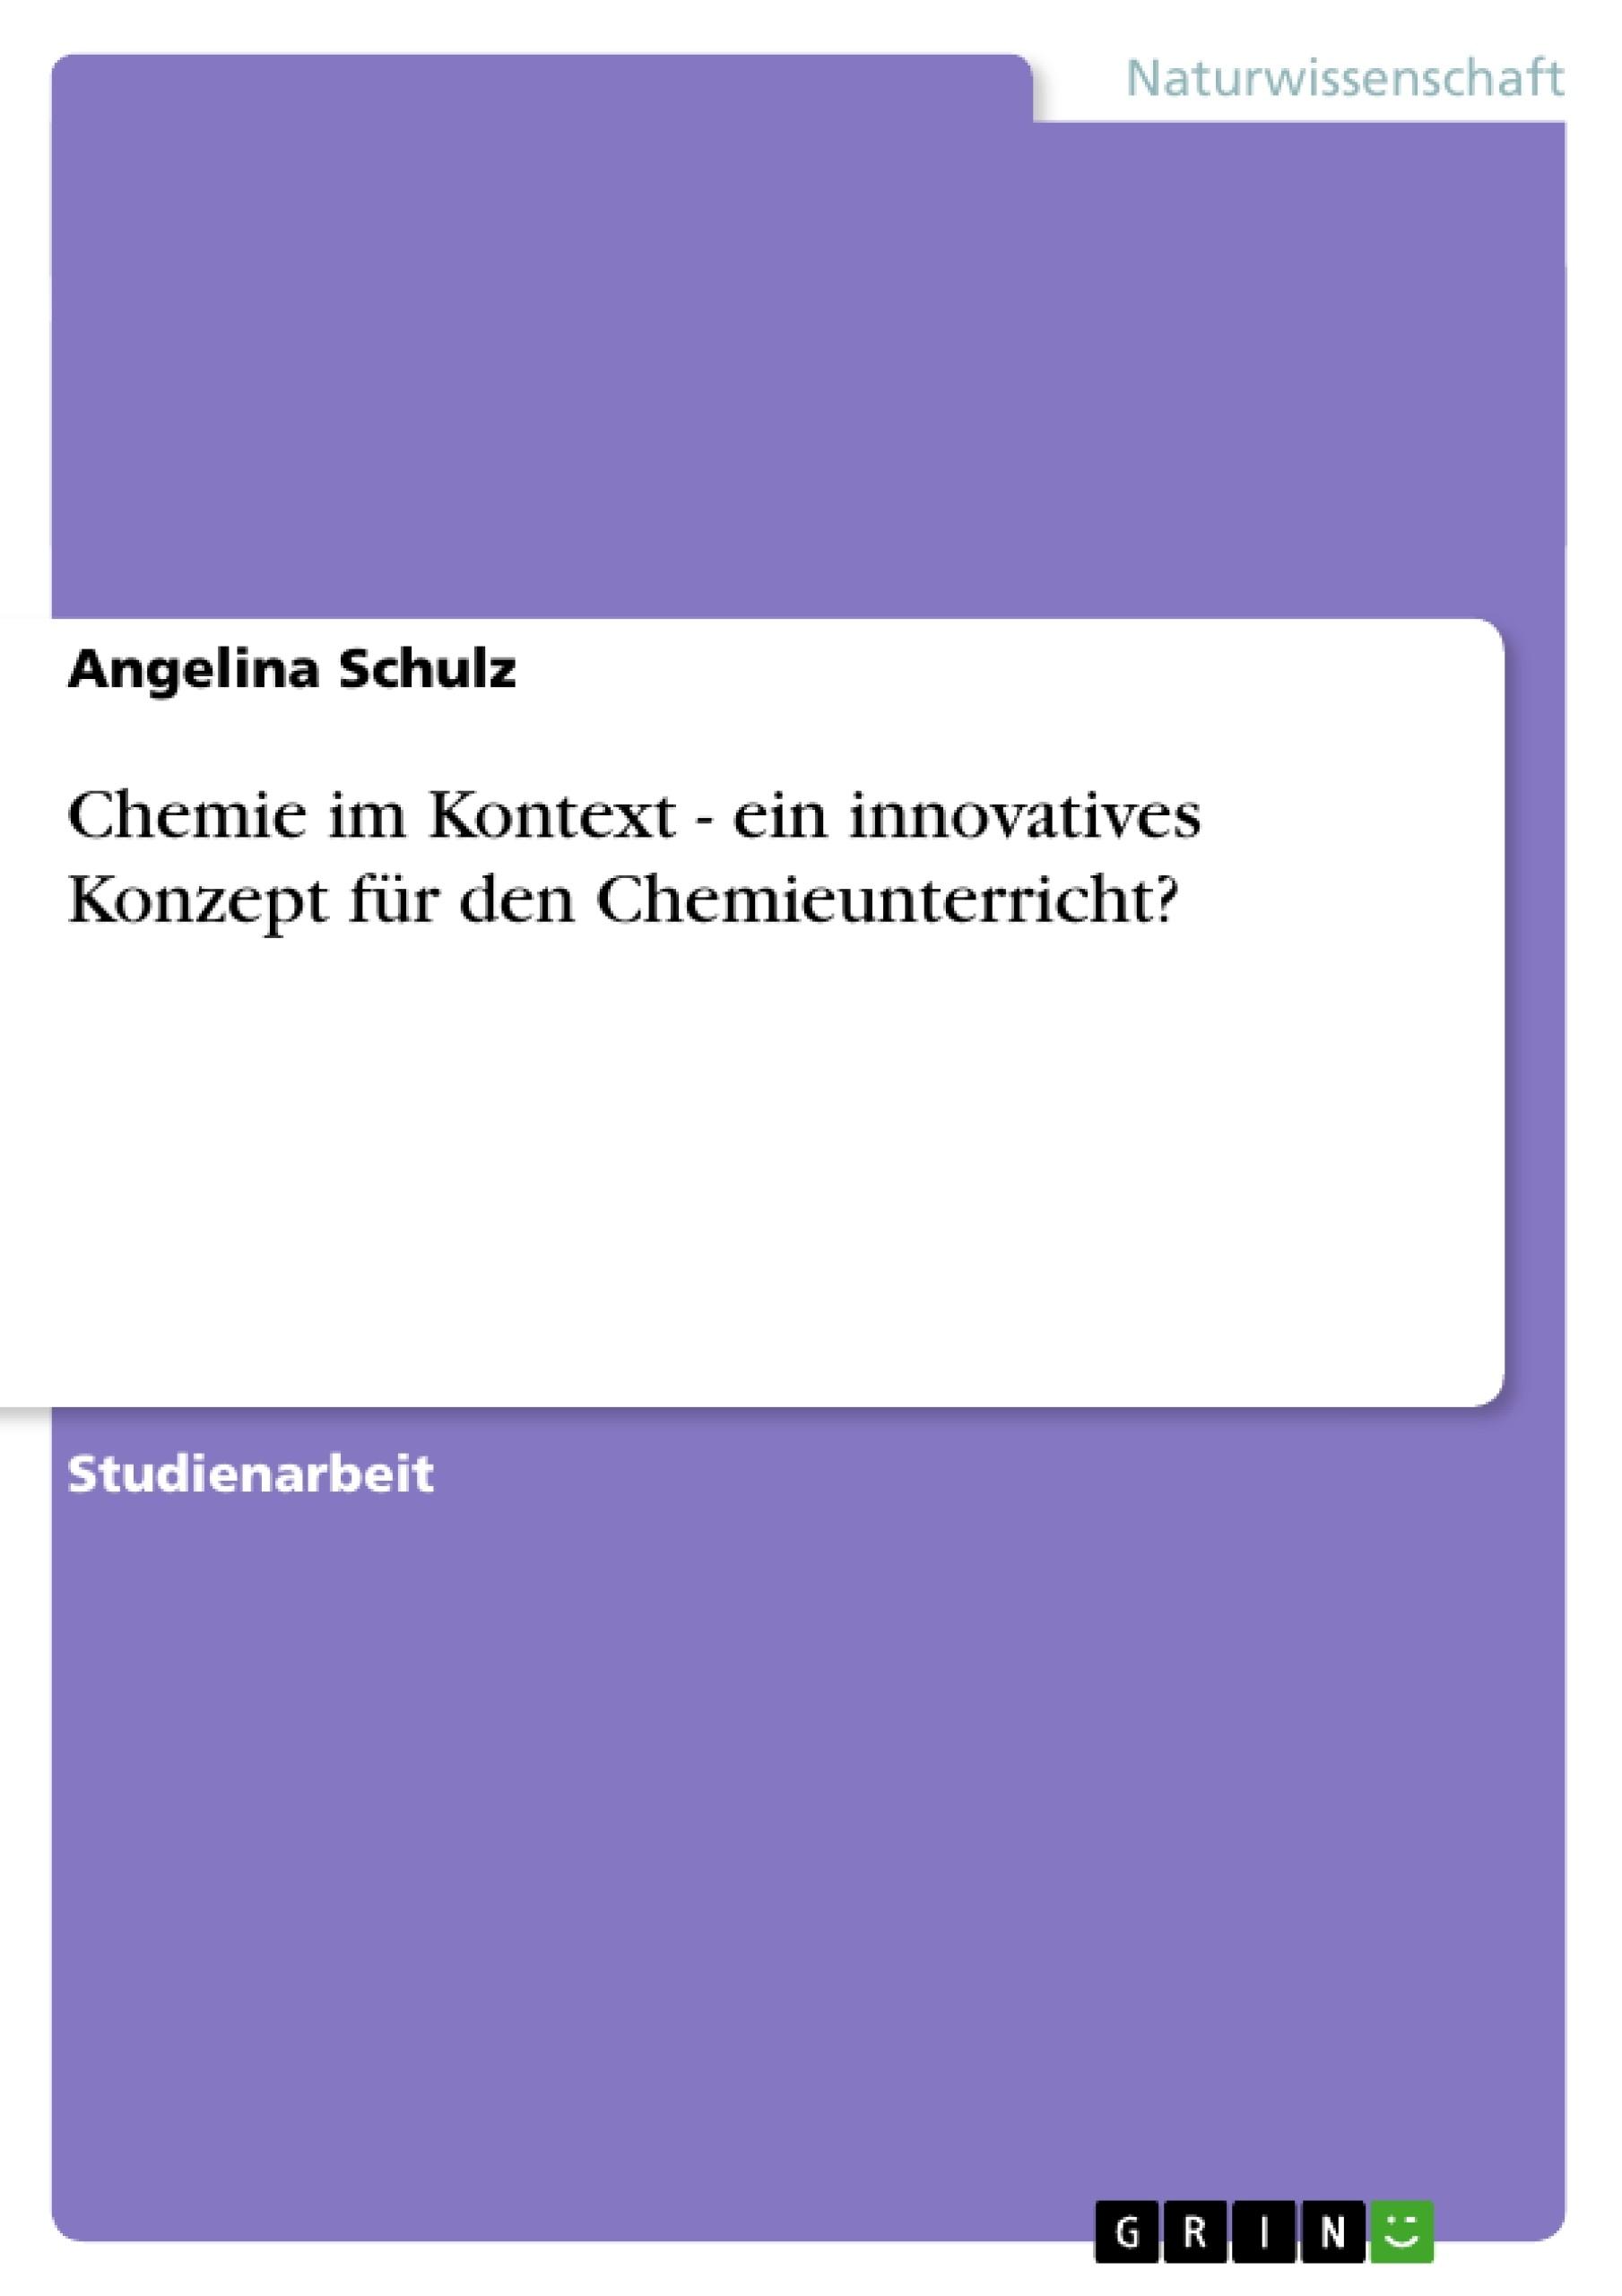 Titel: Chemie im Kontext - ein innovatives Konzept für den Chemieunterricht?